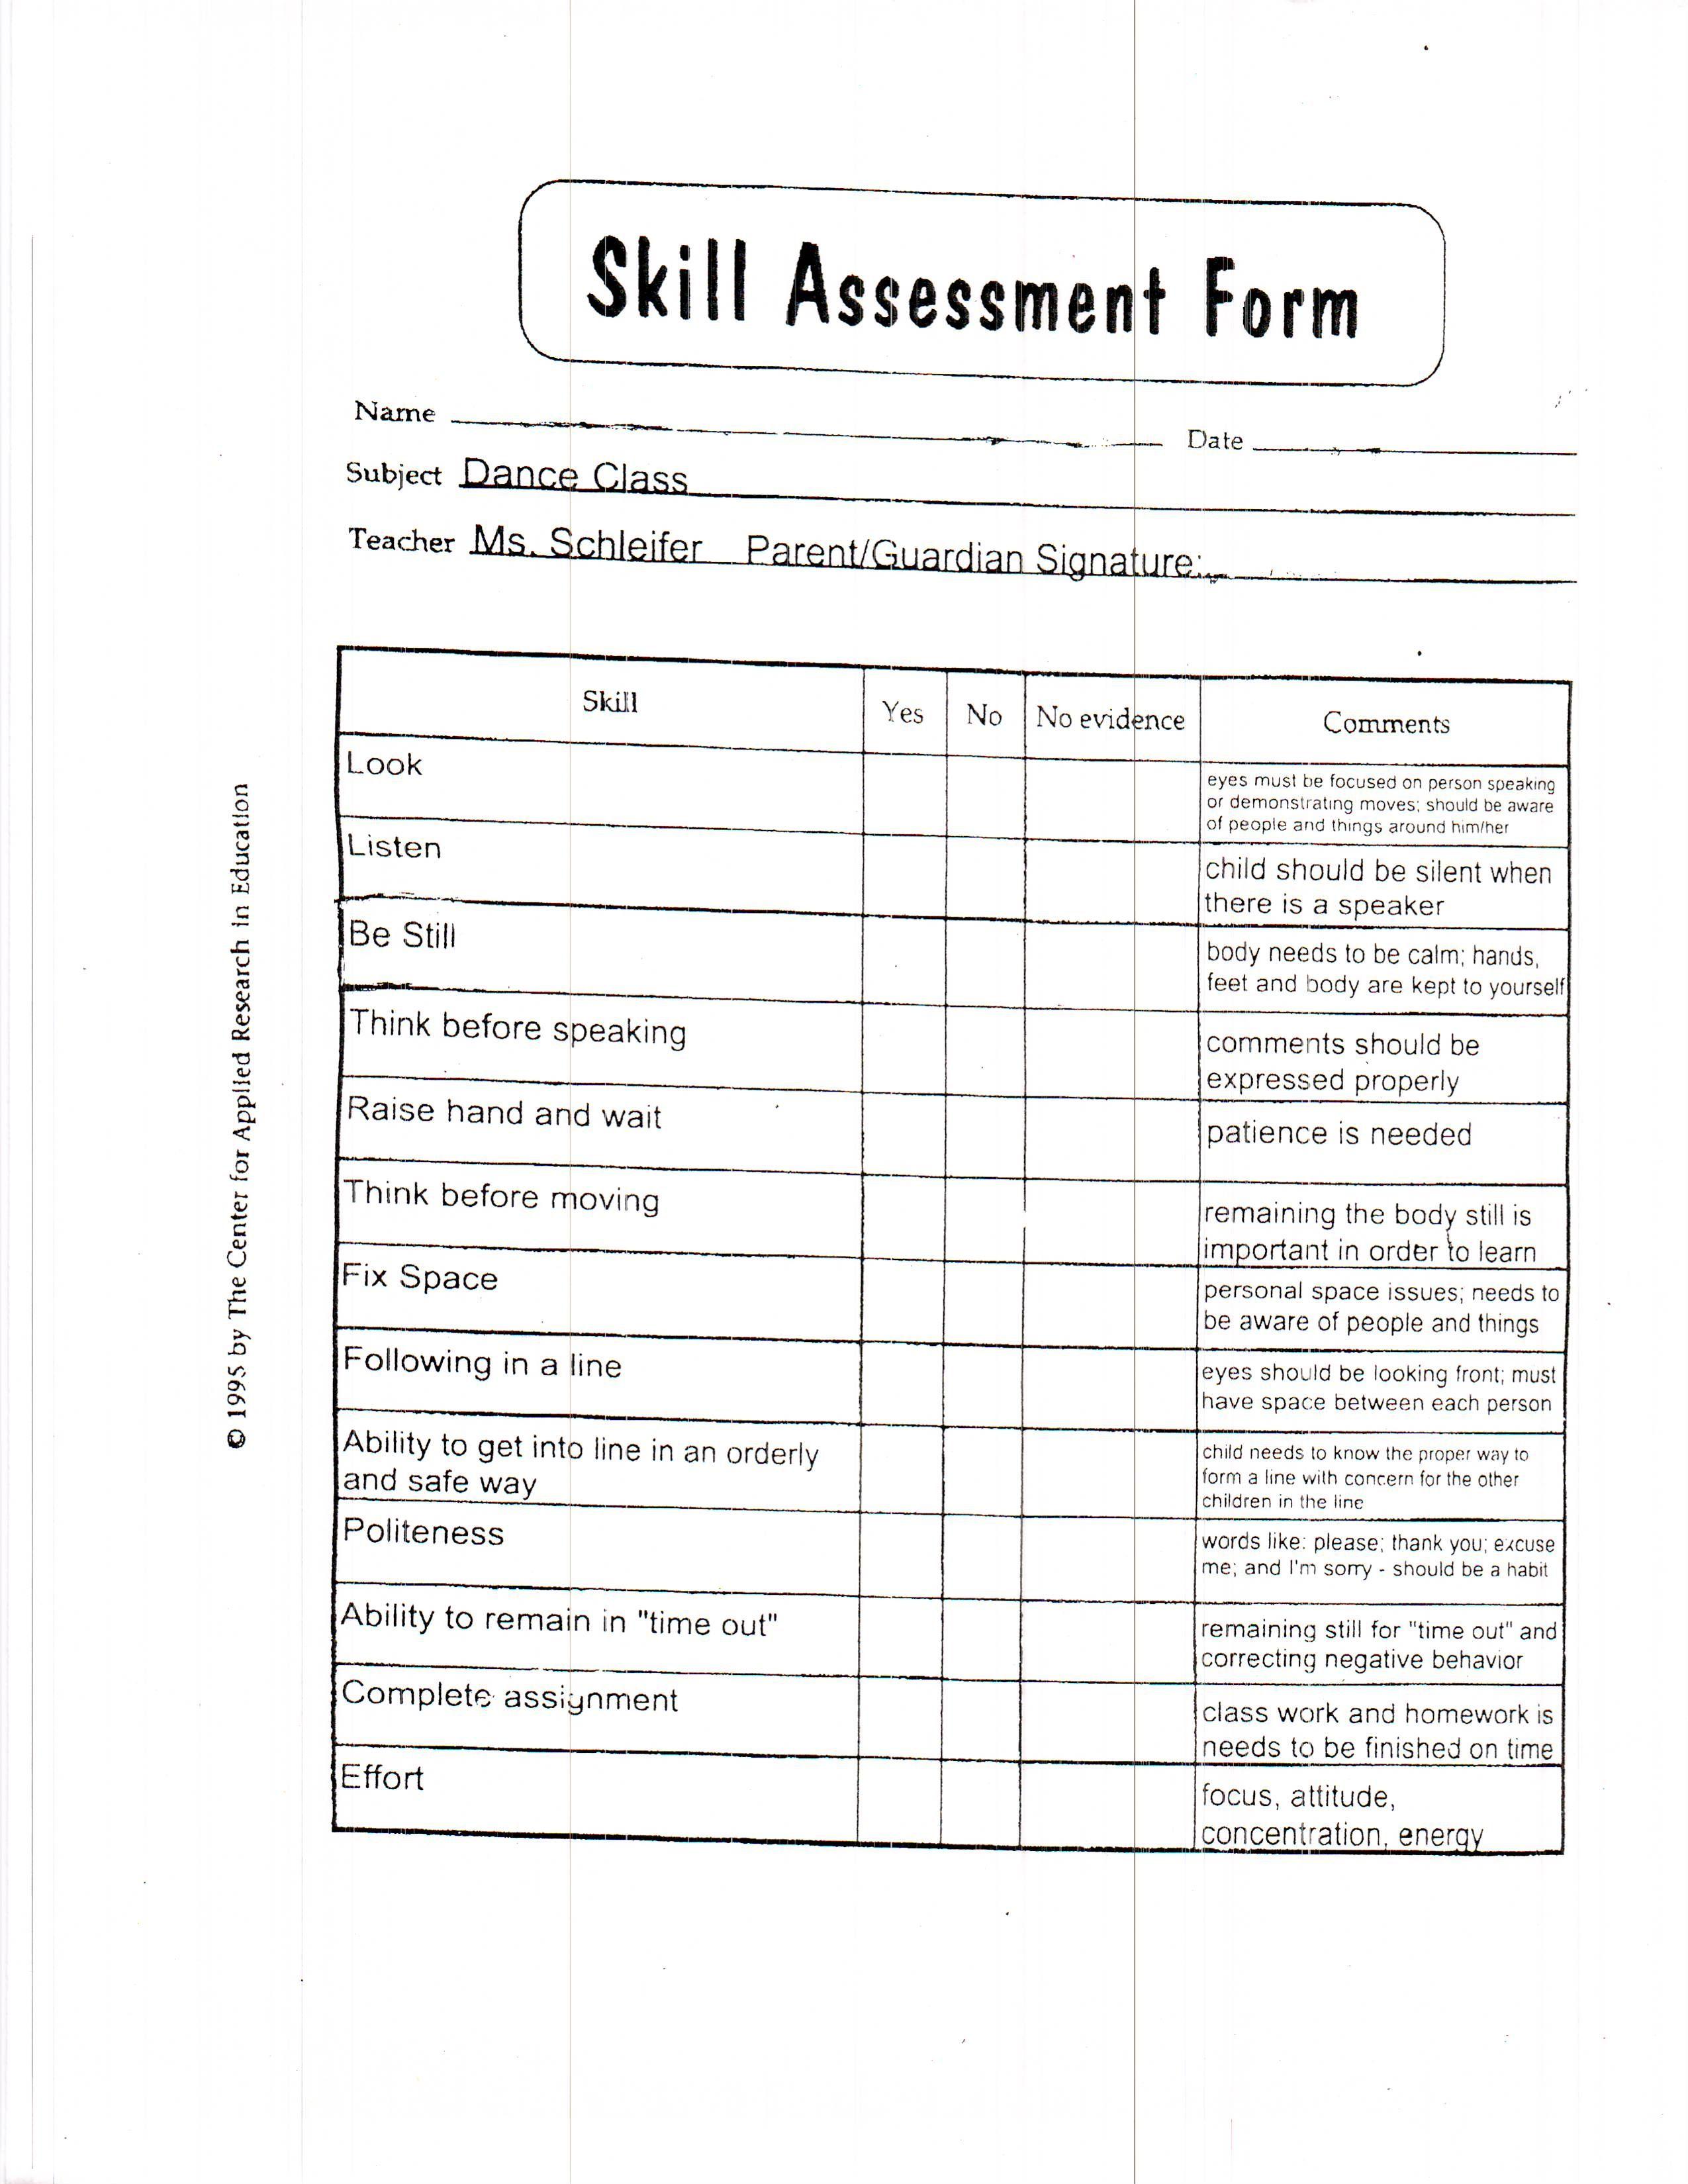 Dance Skill Assessment Form